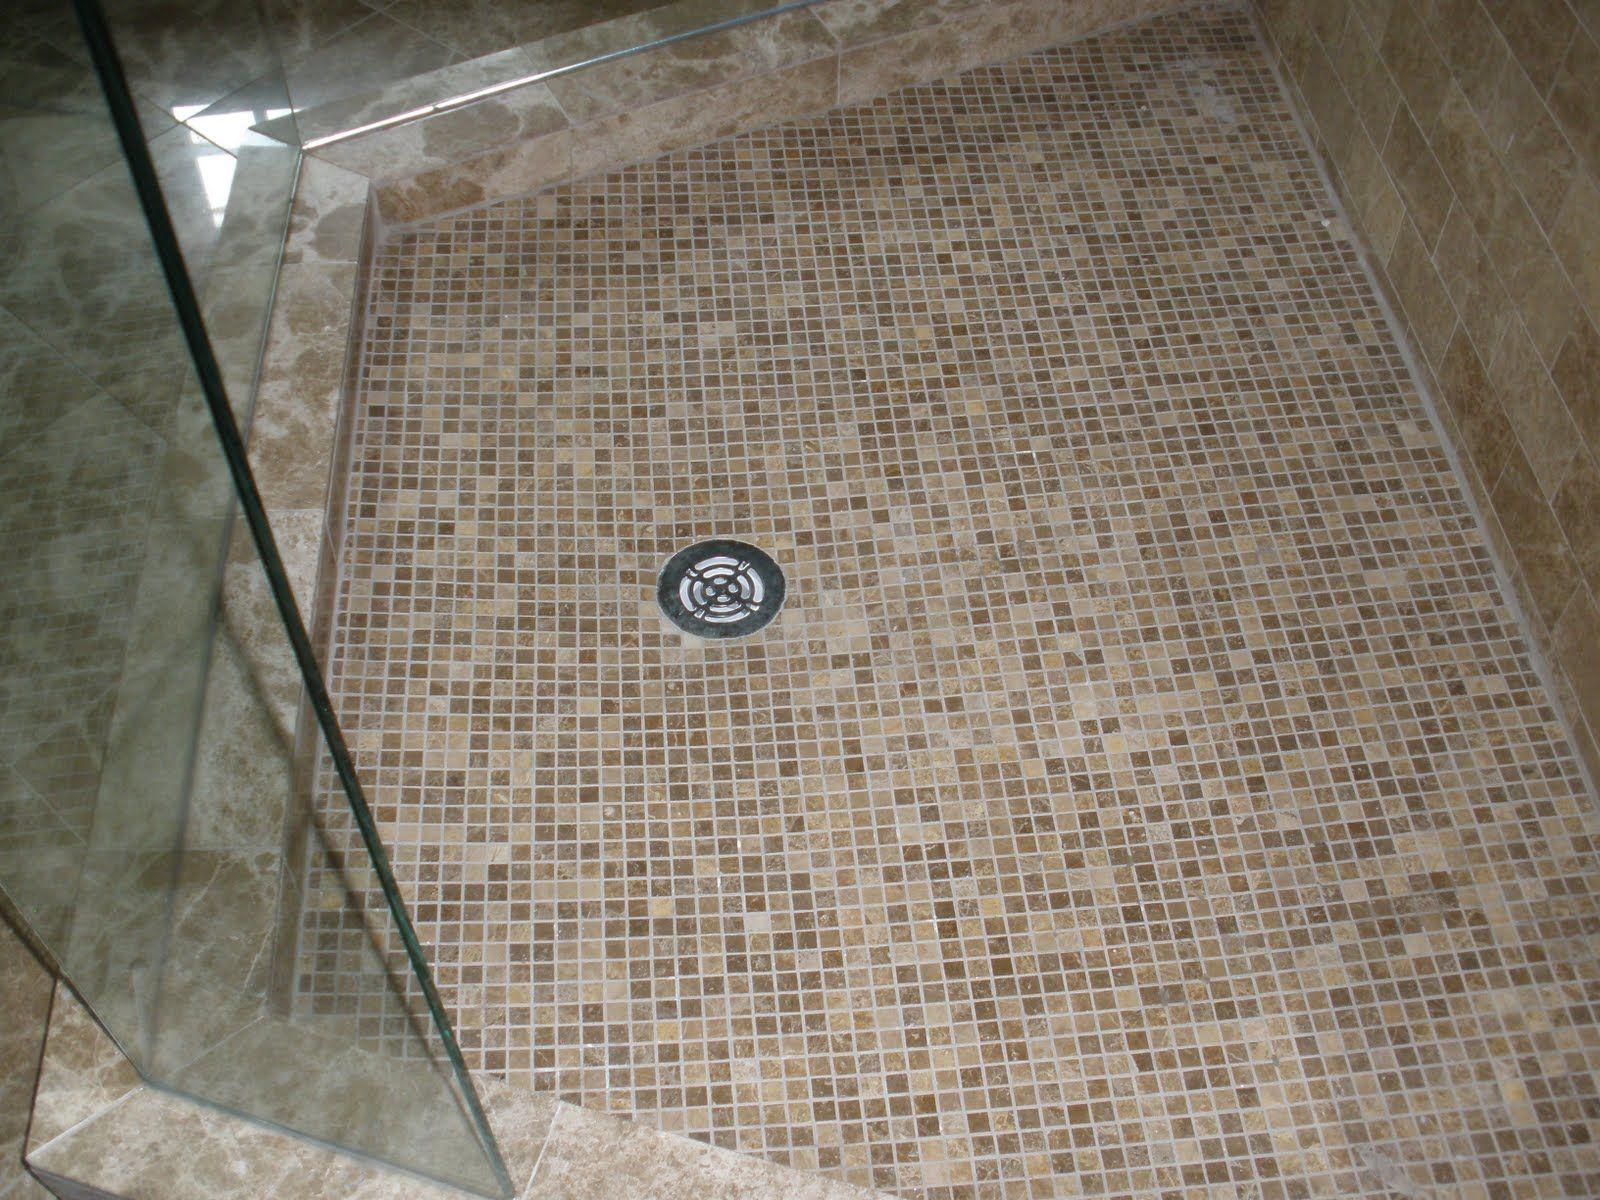 Tile For Shower Floor full size of flooring37 marvelous shower floor tile images concept shower floor tile marvelous 1 Mln Bathroom Tile Ideas